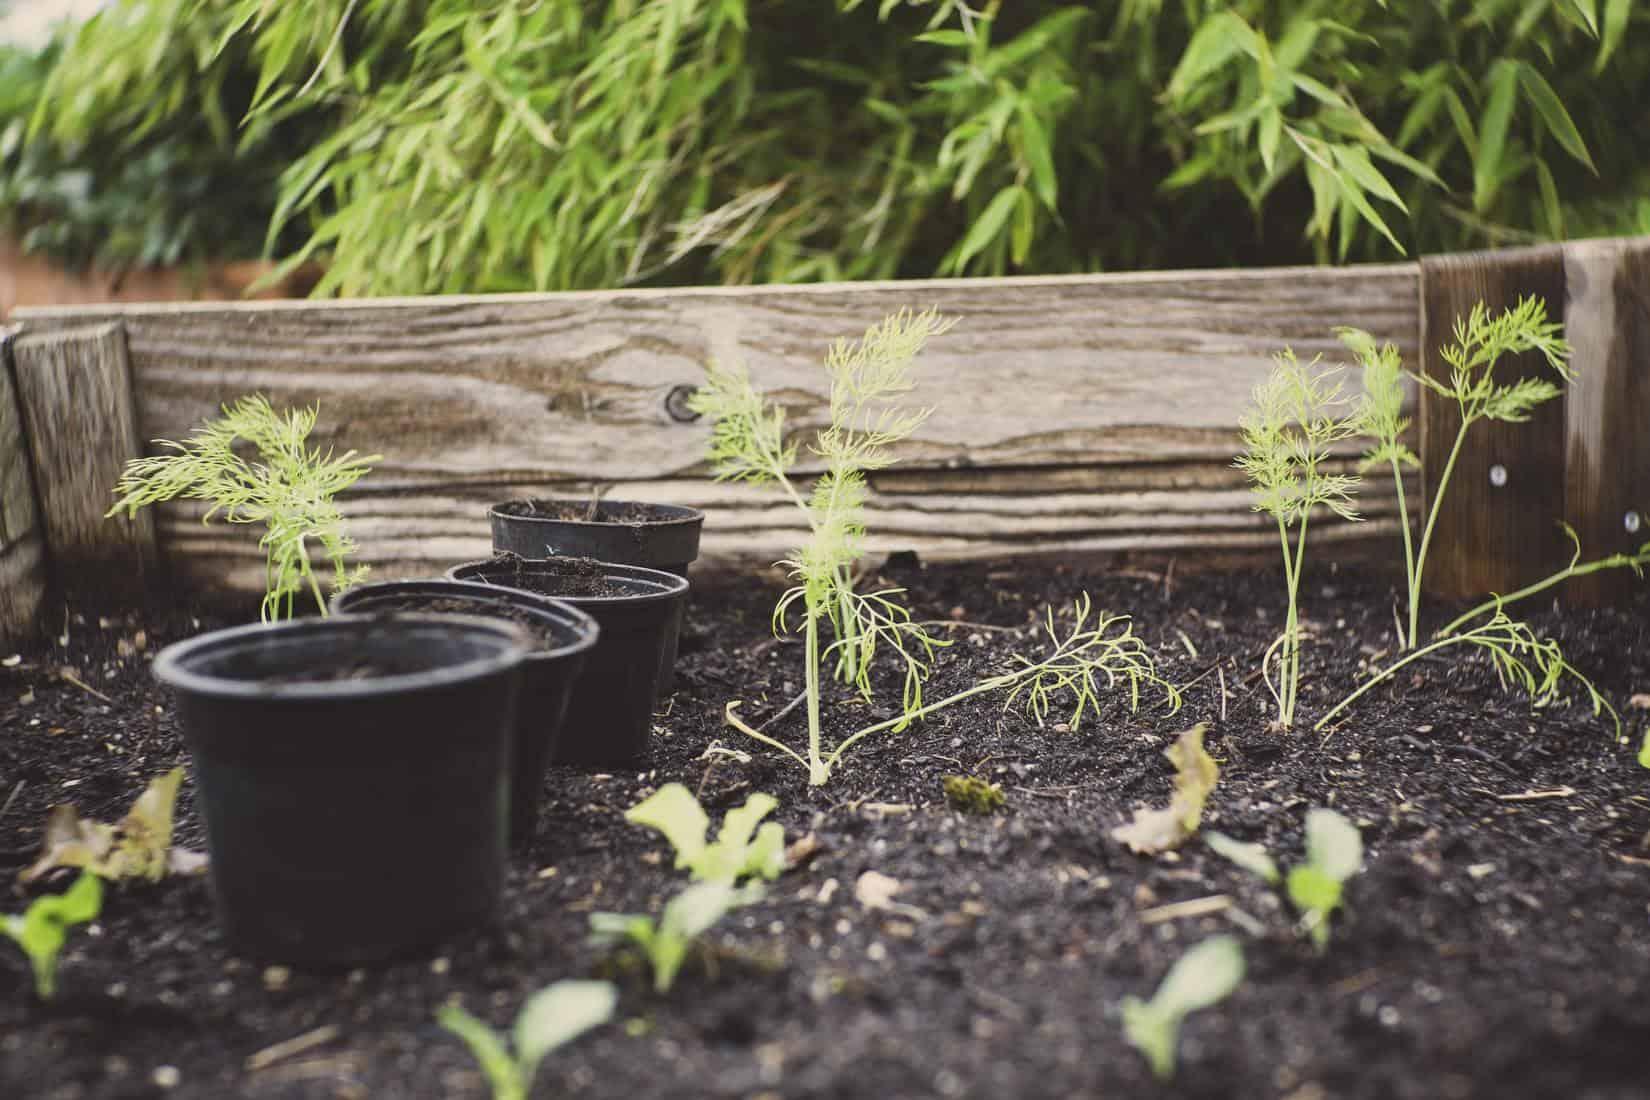 Reclaimed Materials in Your Home Garden